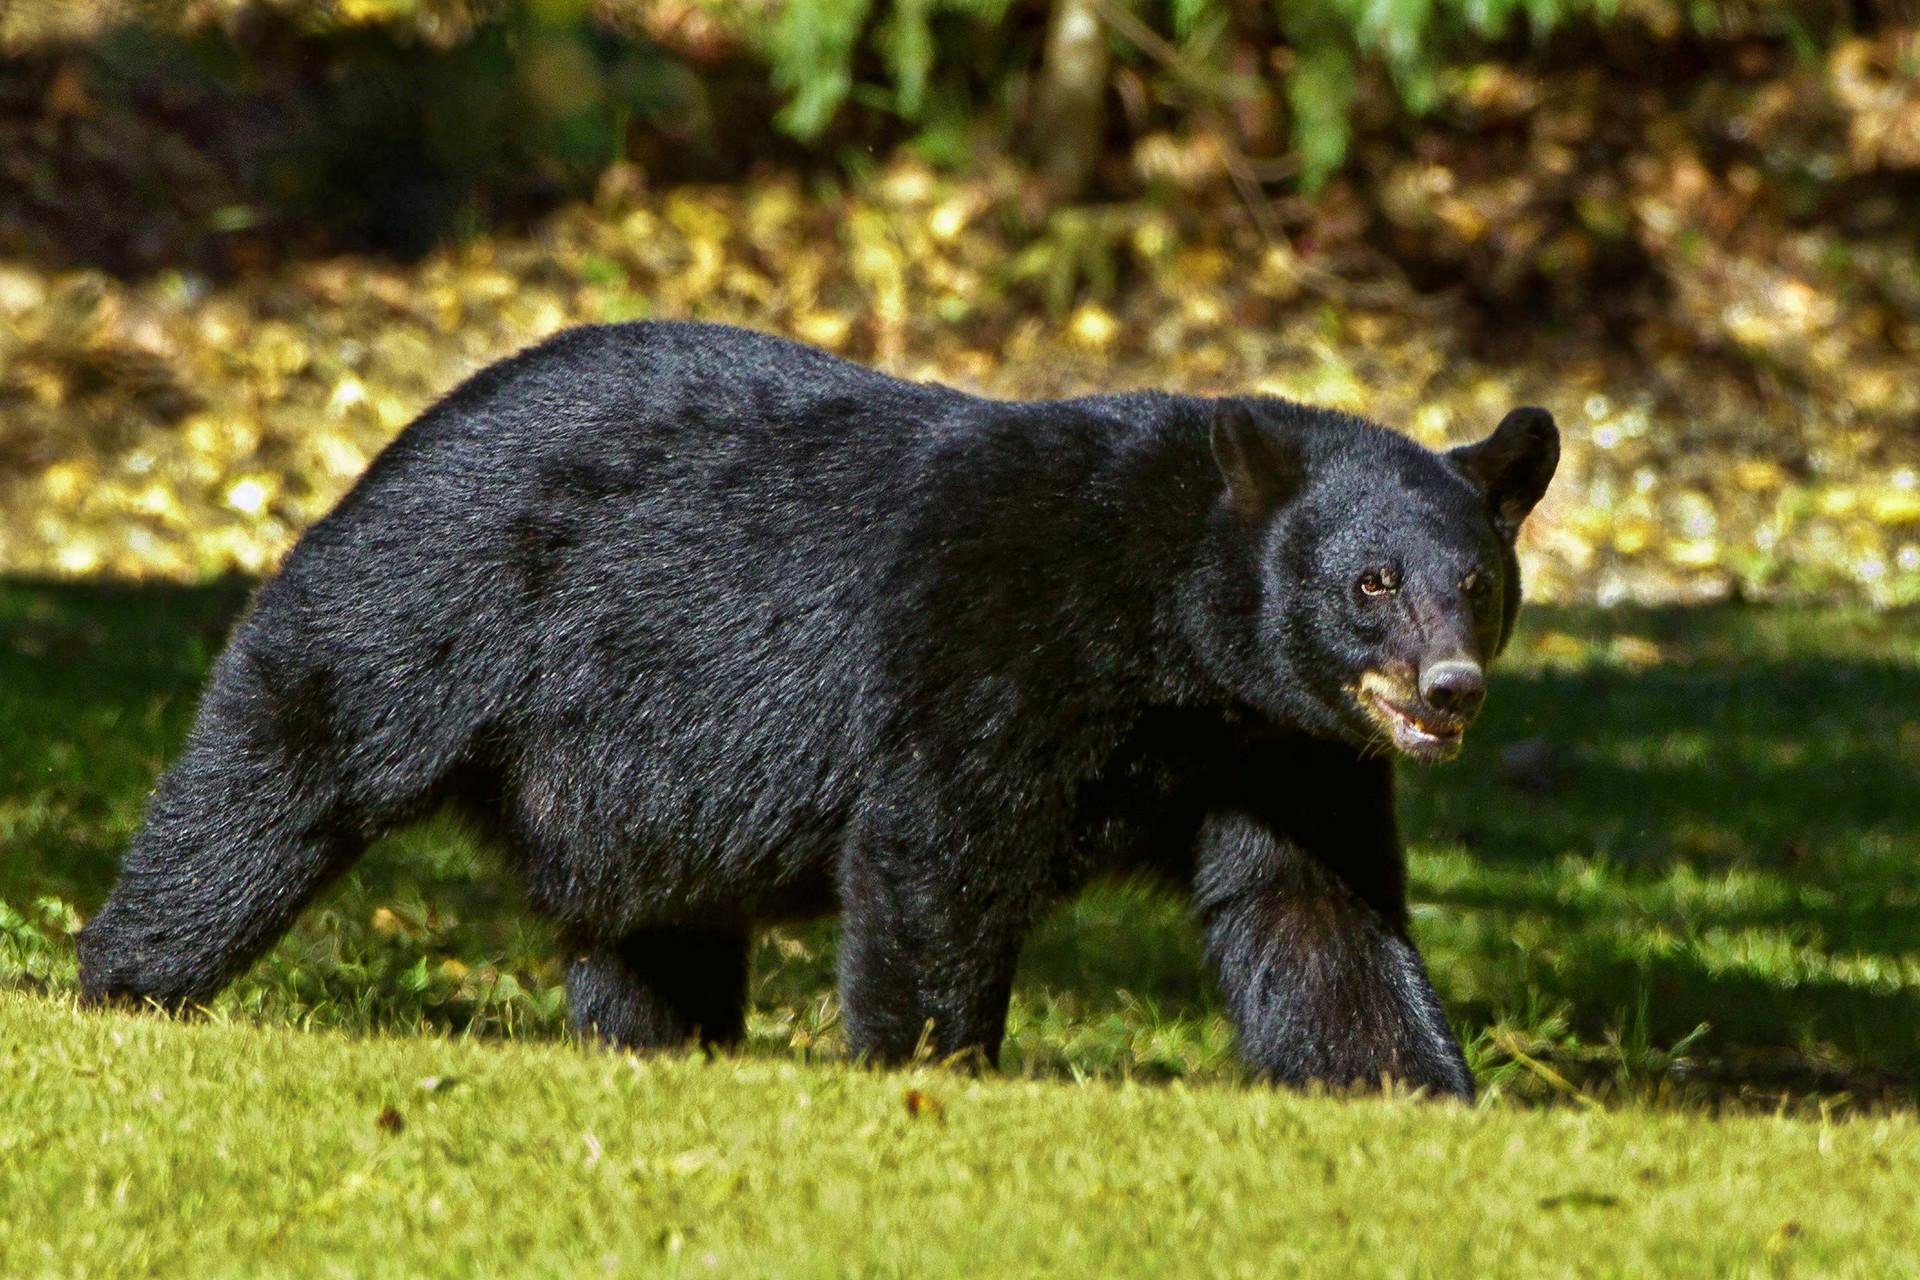 遭熊攻击无奈射杀,是否需要承担法律责任?